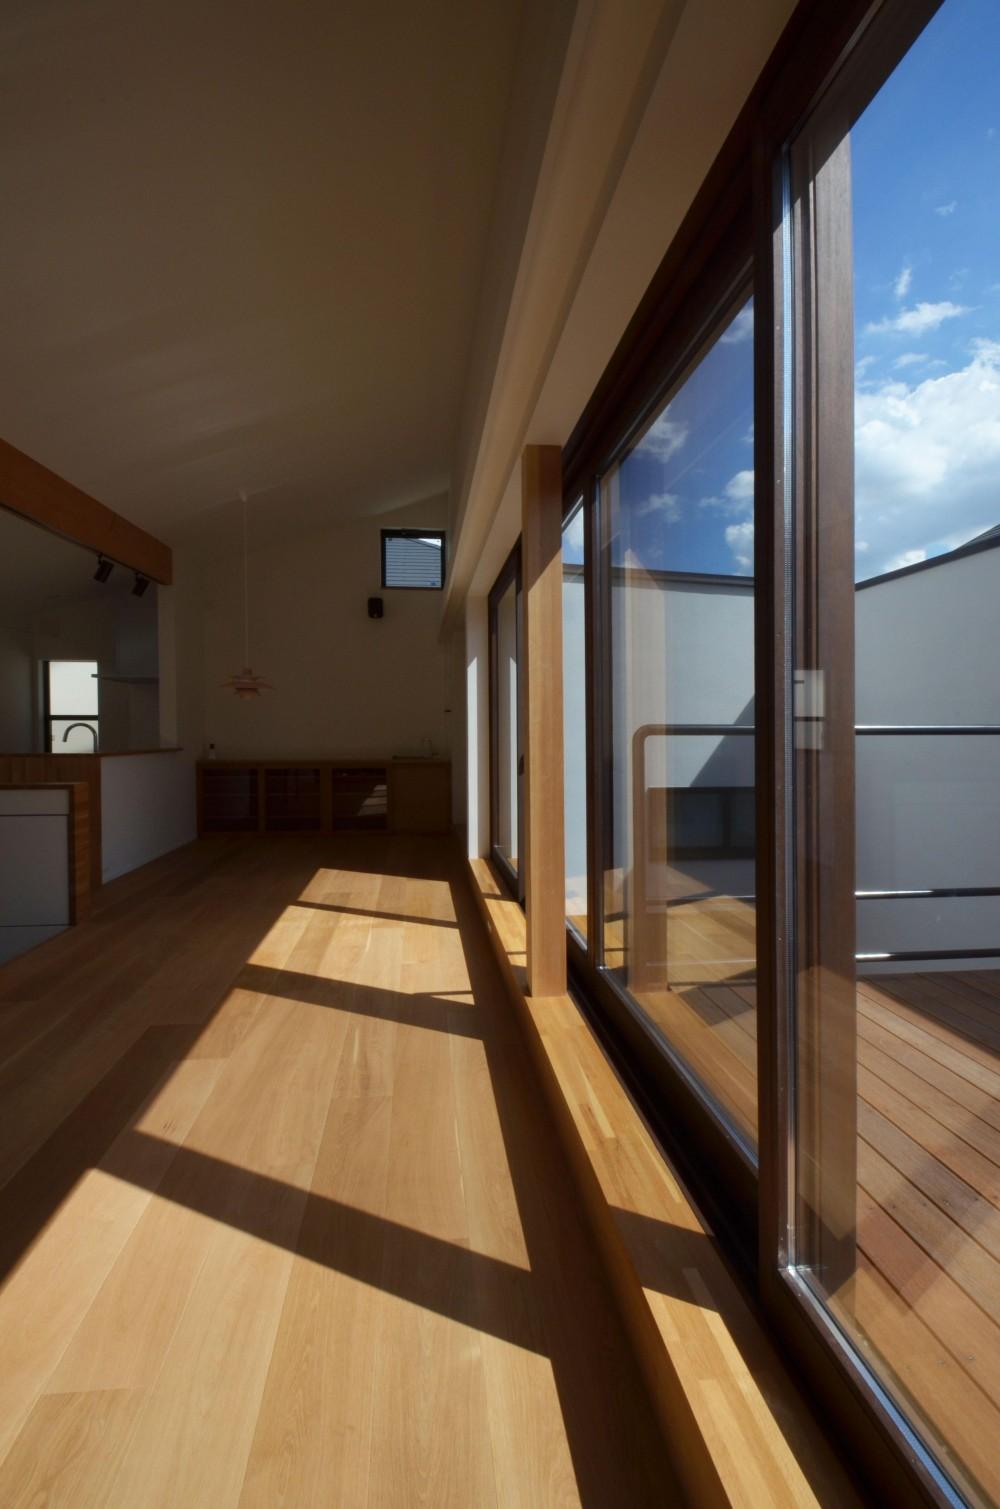 桃井M邸-中庭を中心としたコの字配置の立体コートハウス- (木製サッシ)